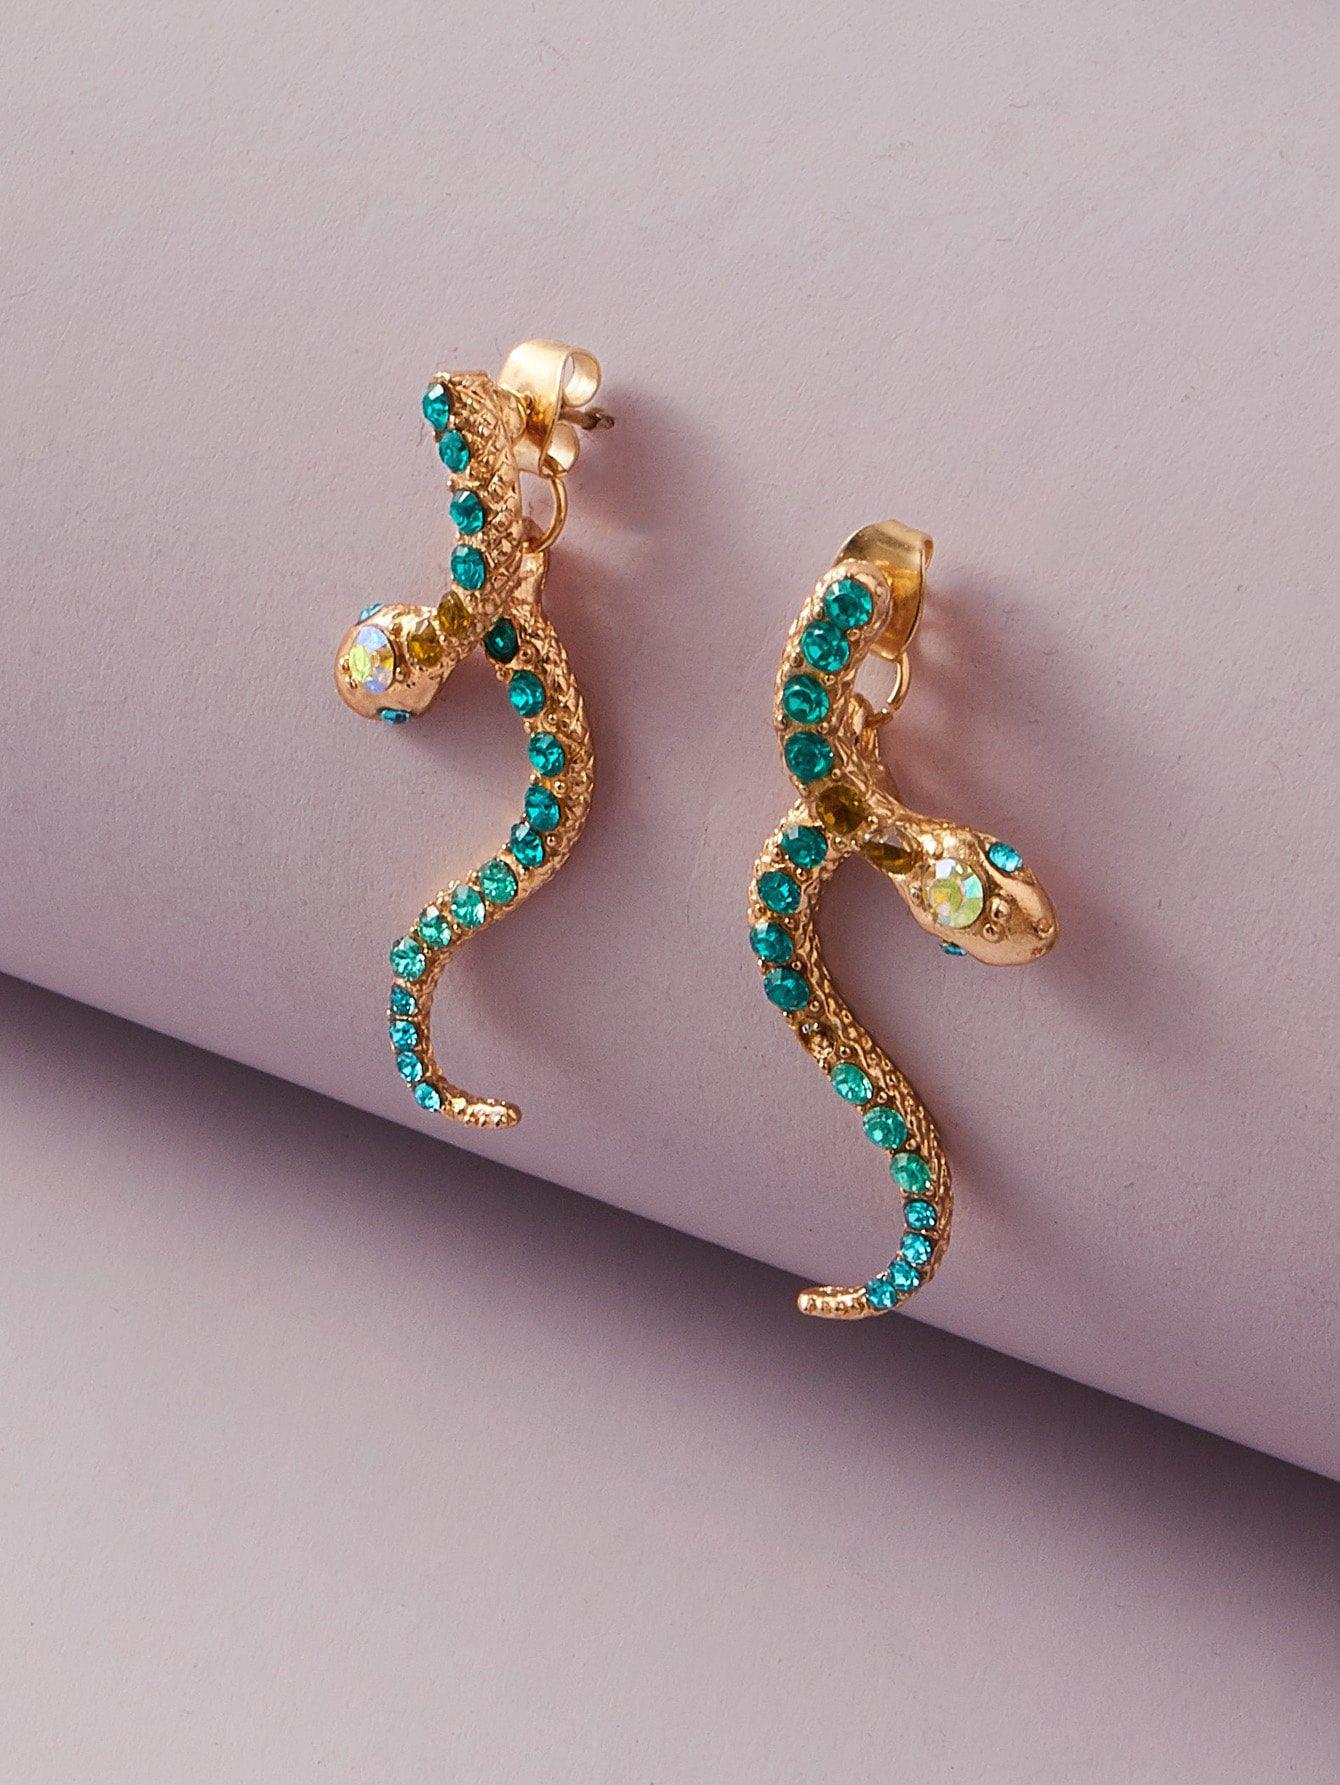 1pair Rhinestone Engraved Serpentine Earrings